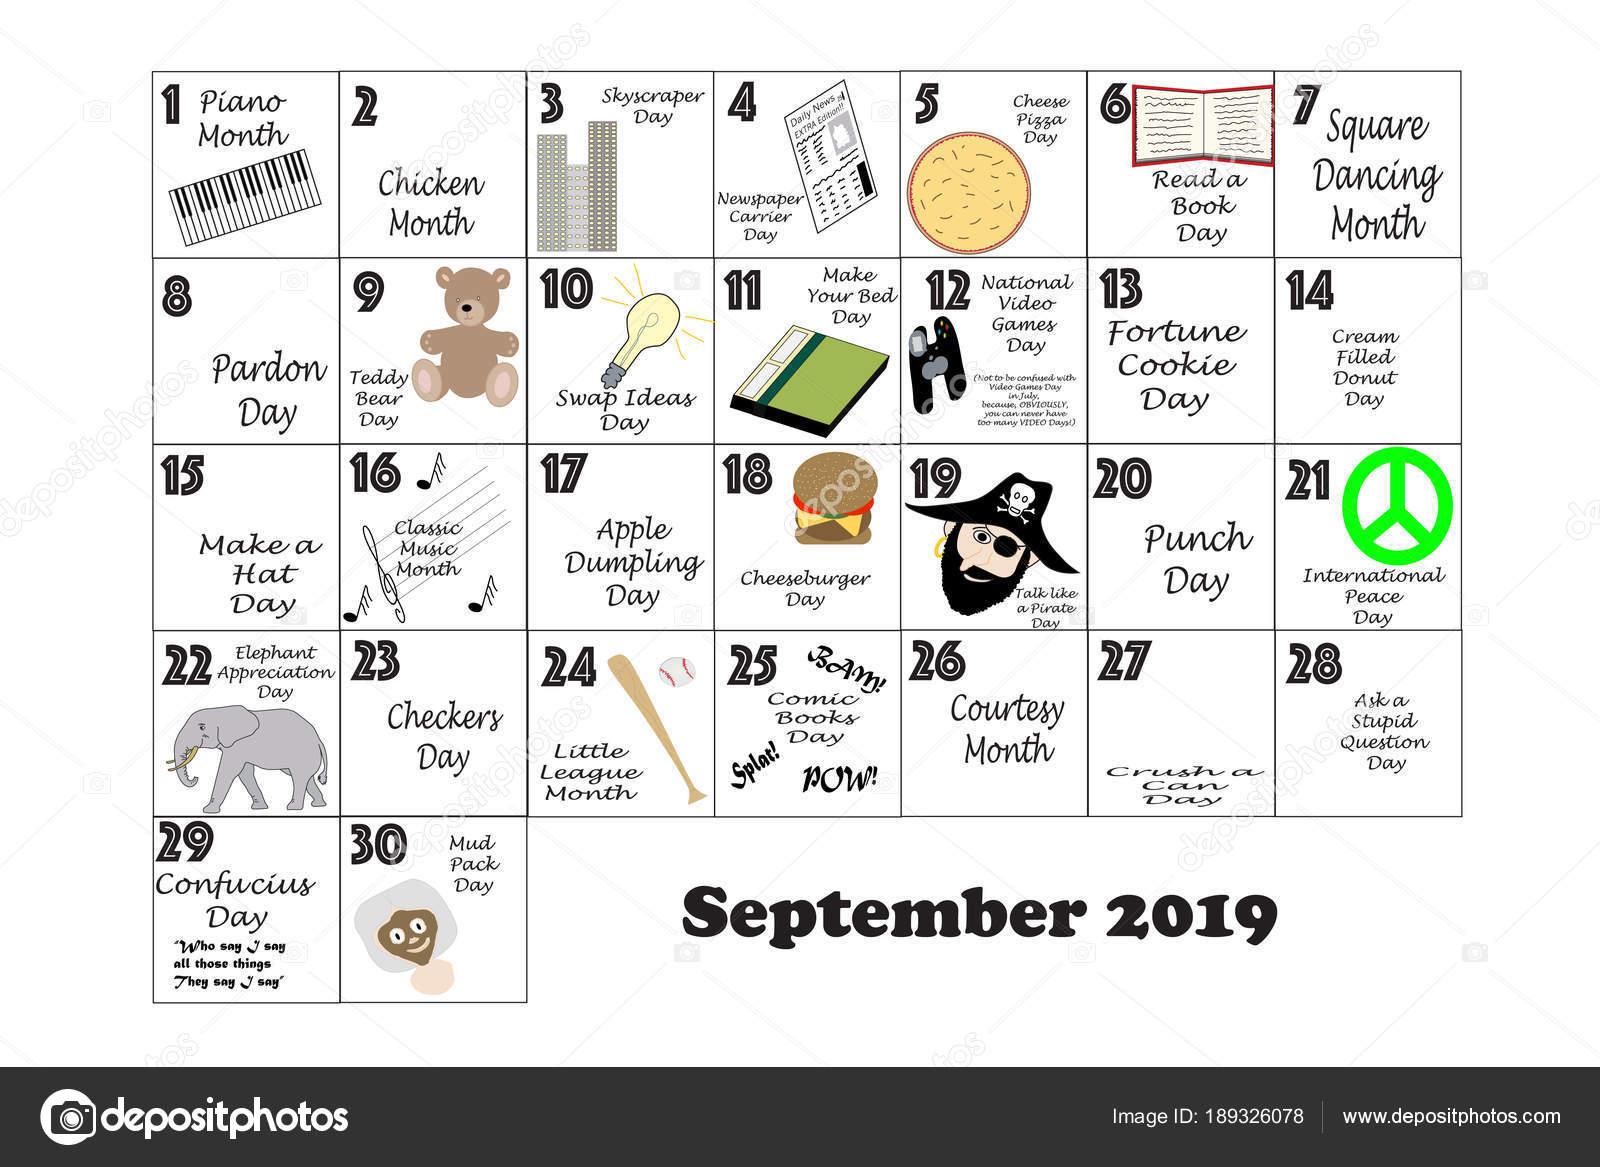 2019年 9 月風変わりな祝日と異常なイベント ストック写真